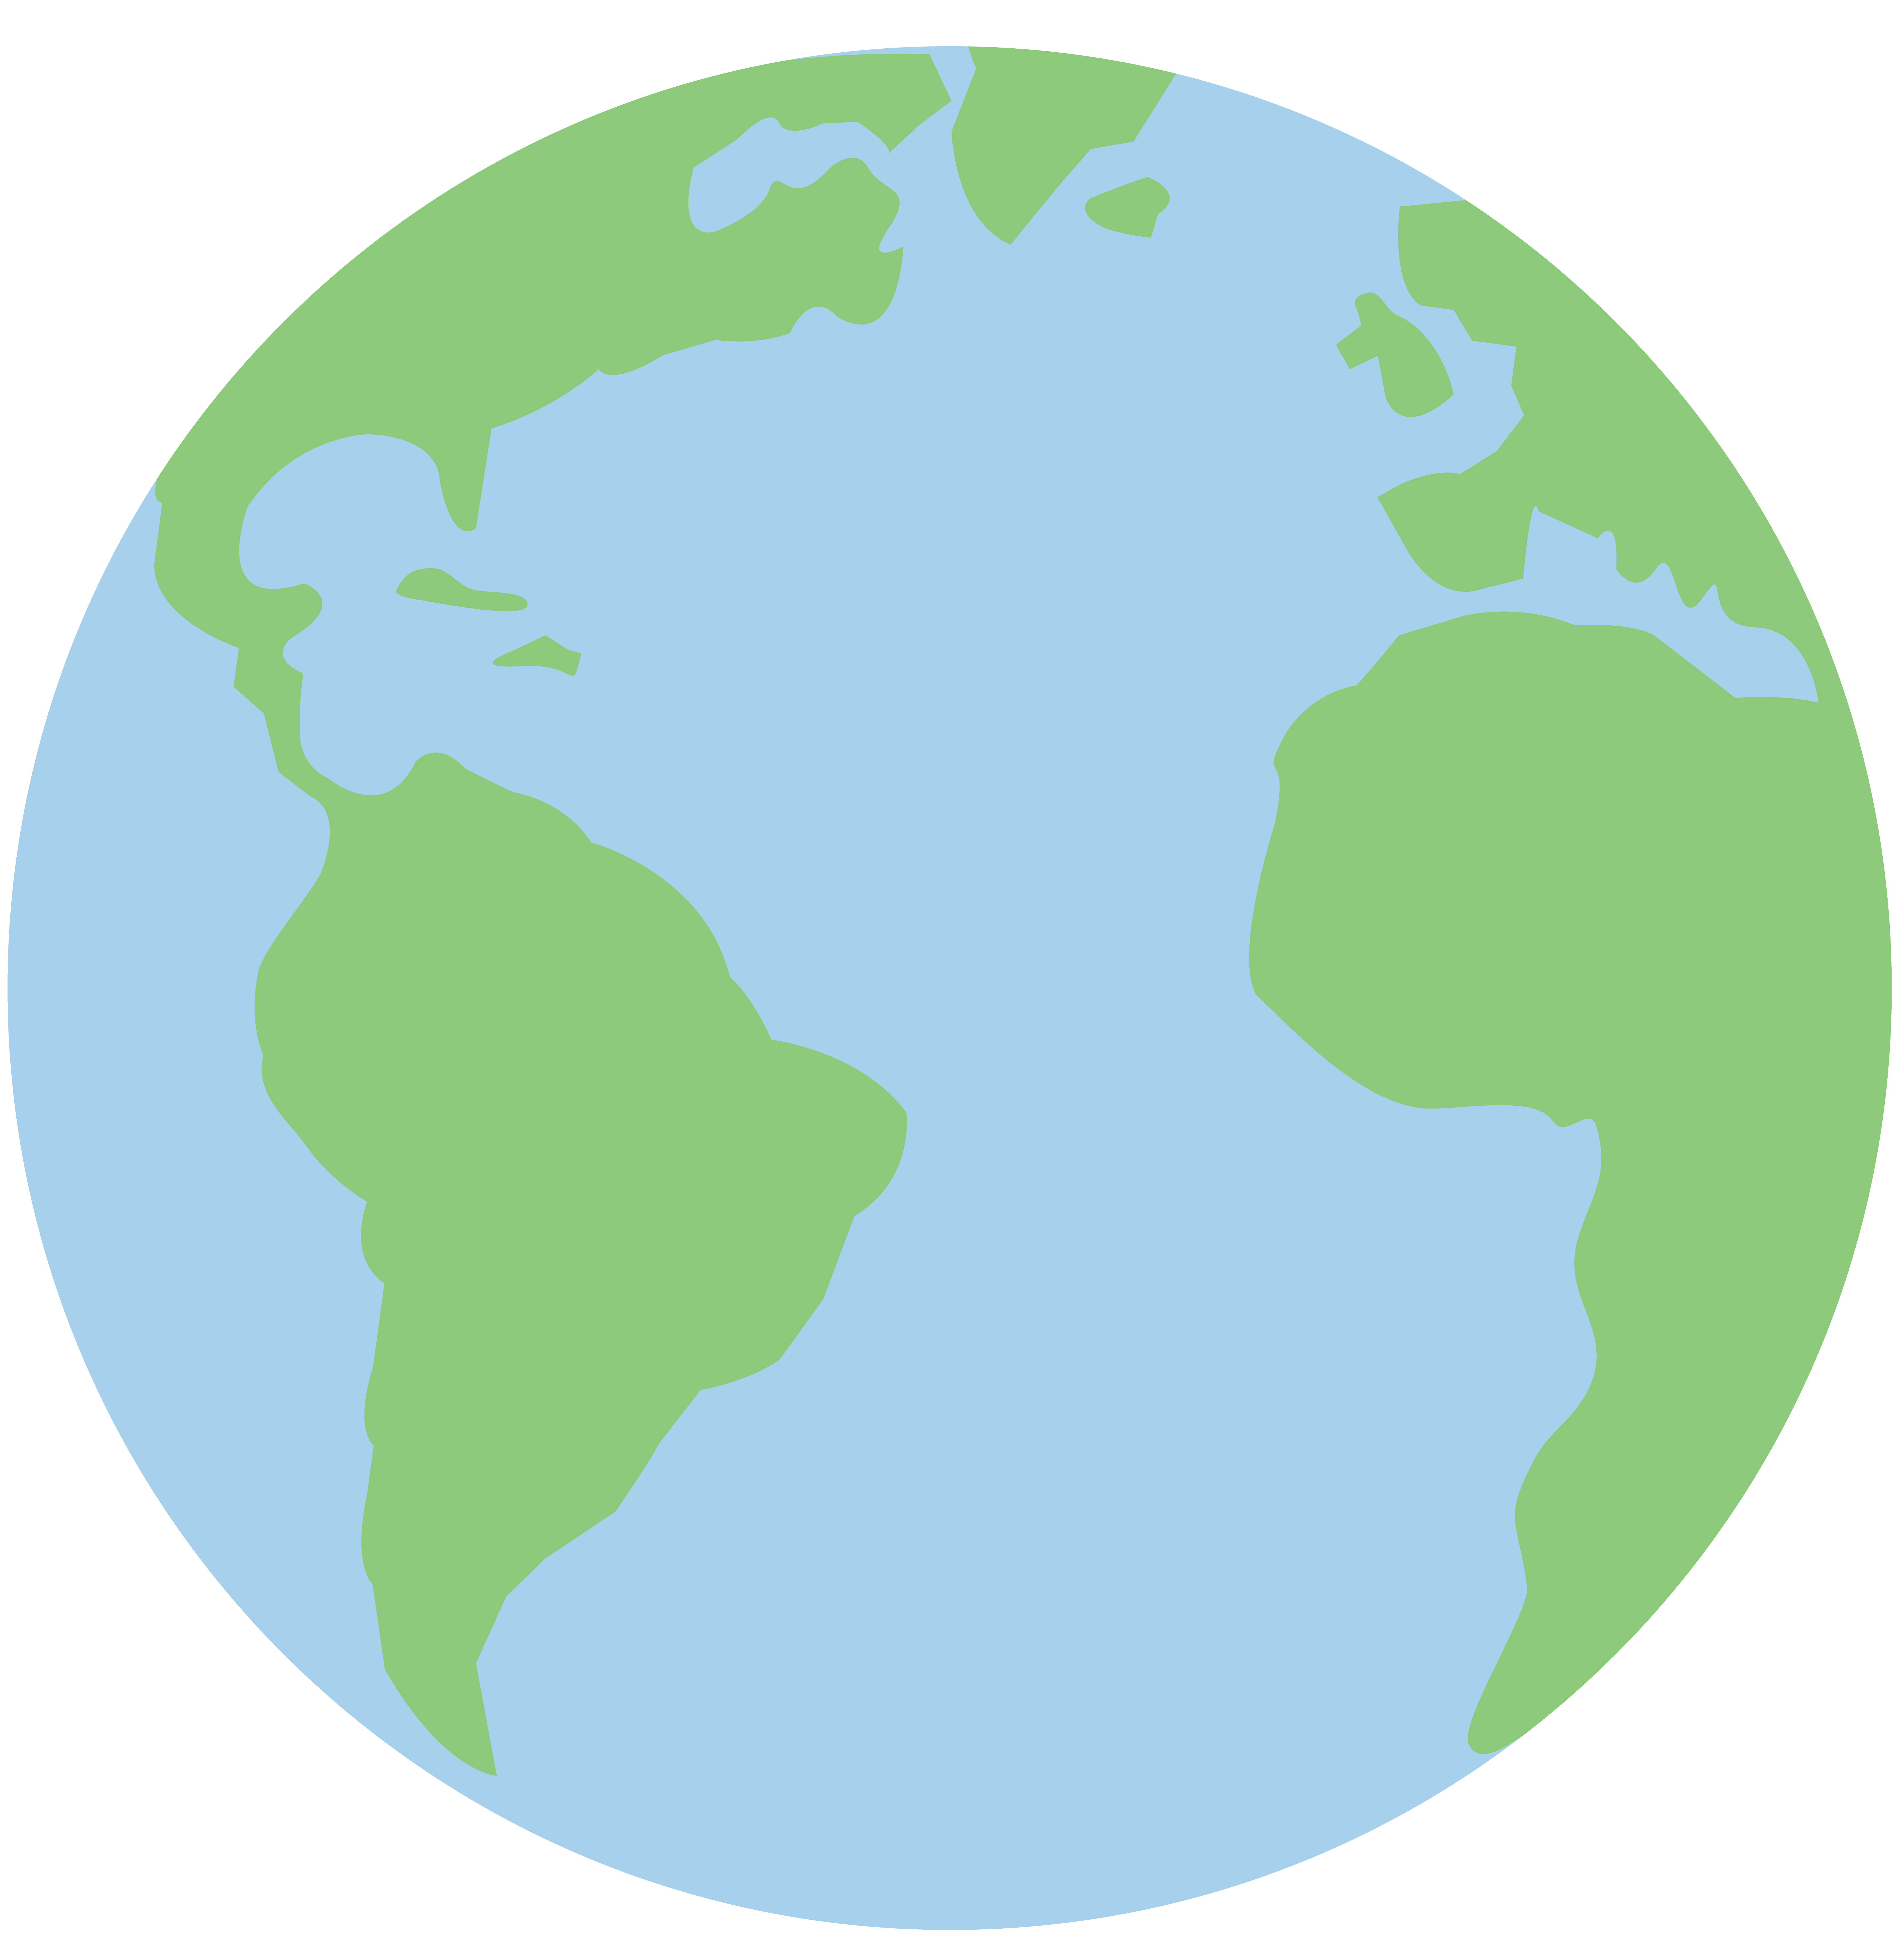 7205x7362 Earth Clipart Space Cartoon